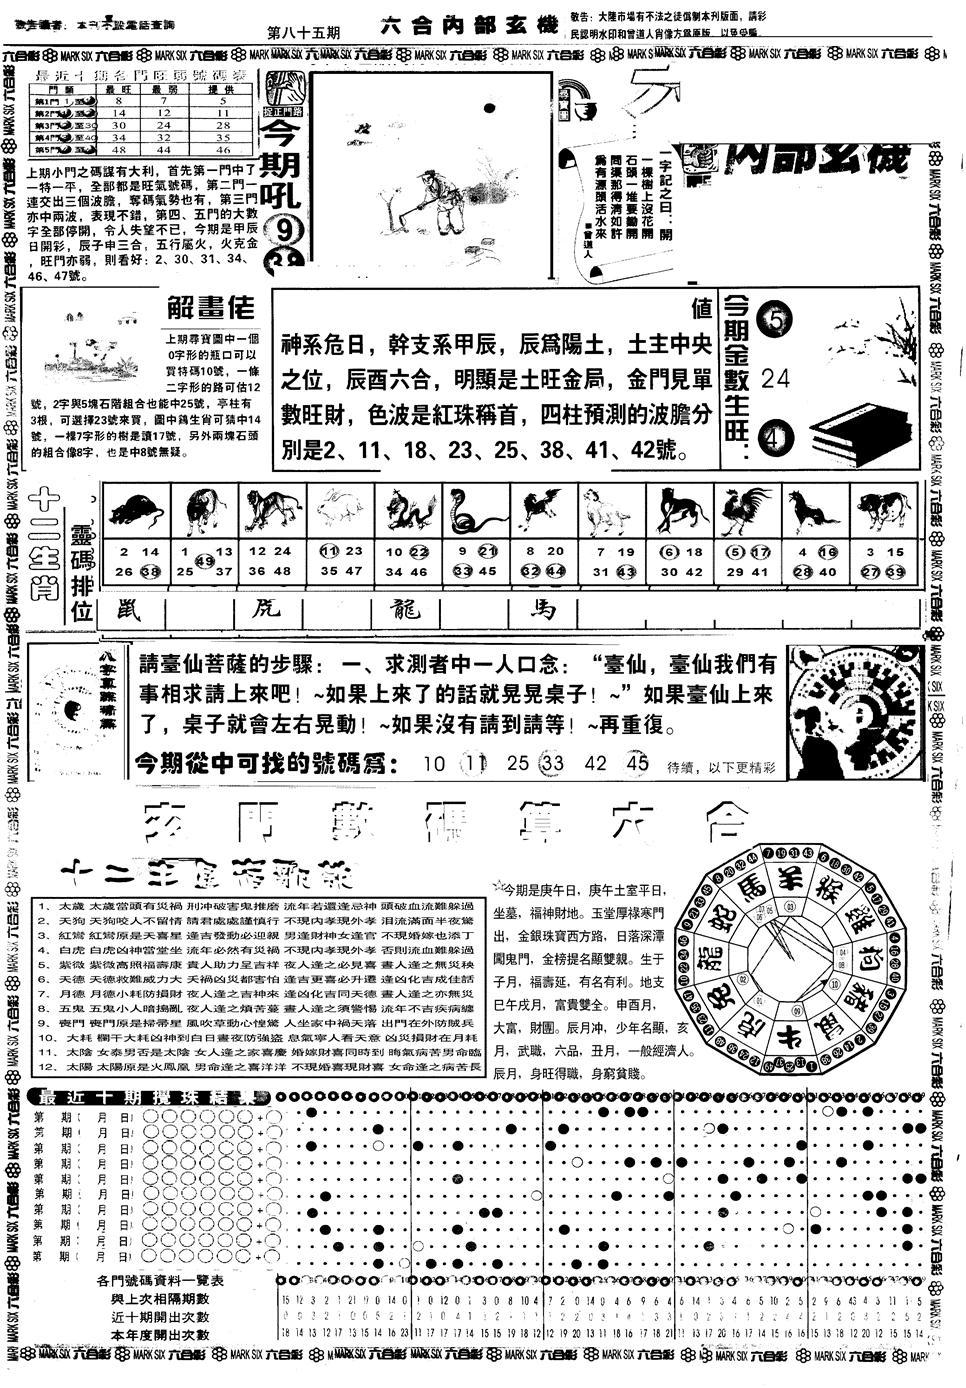 085期另版六内部玄机A(黑白)